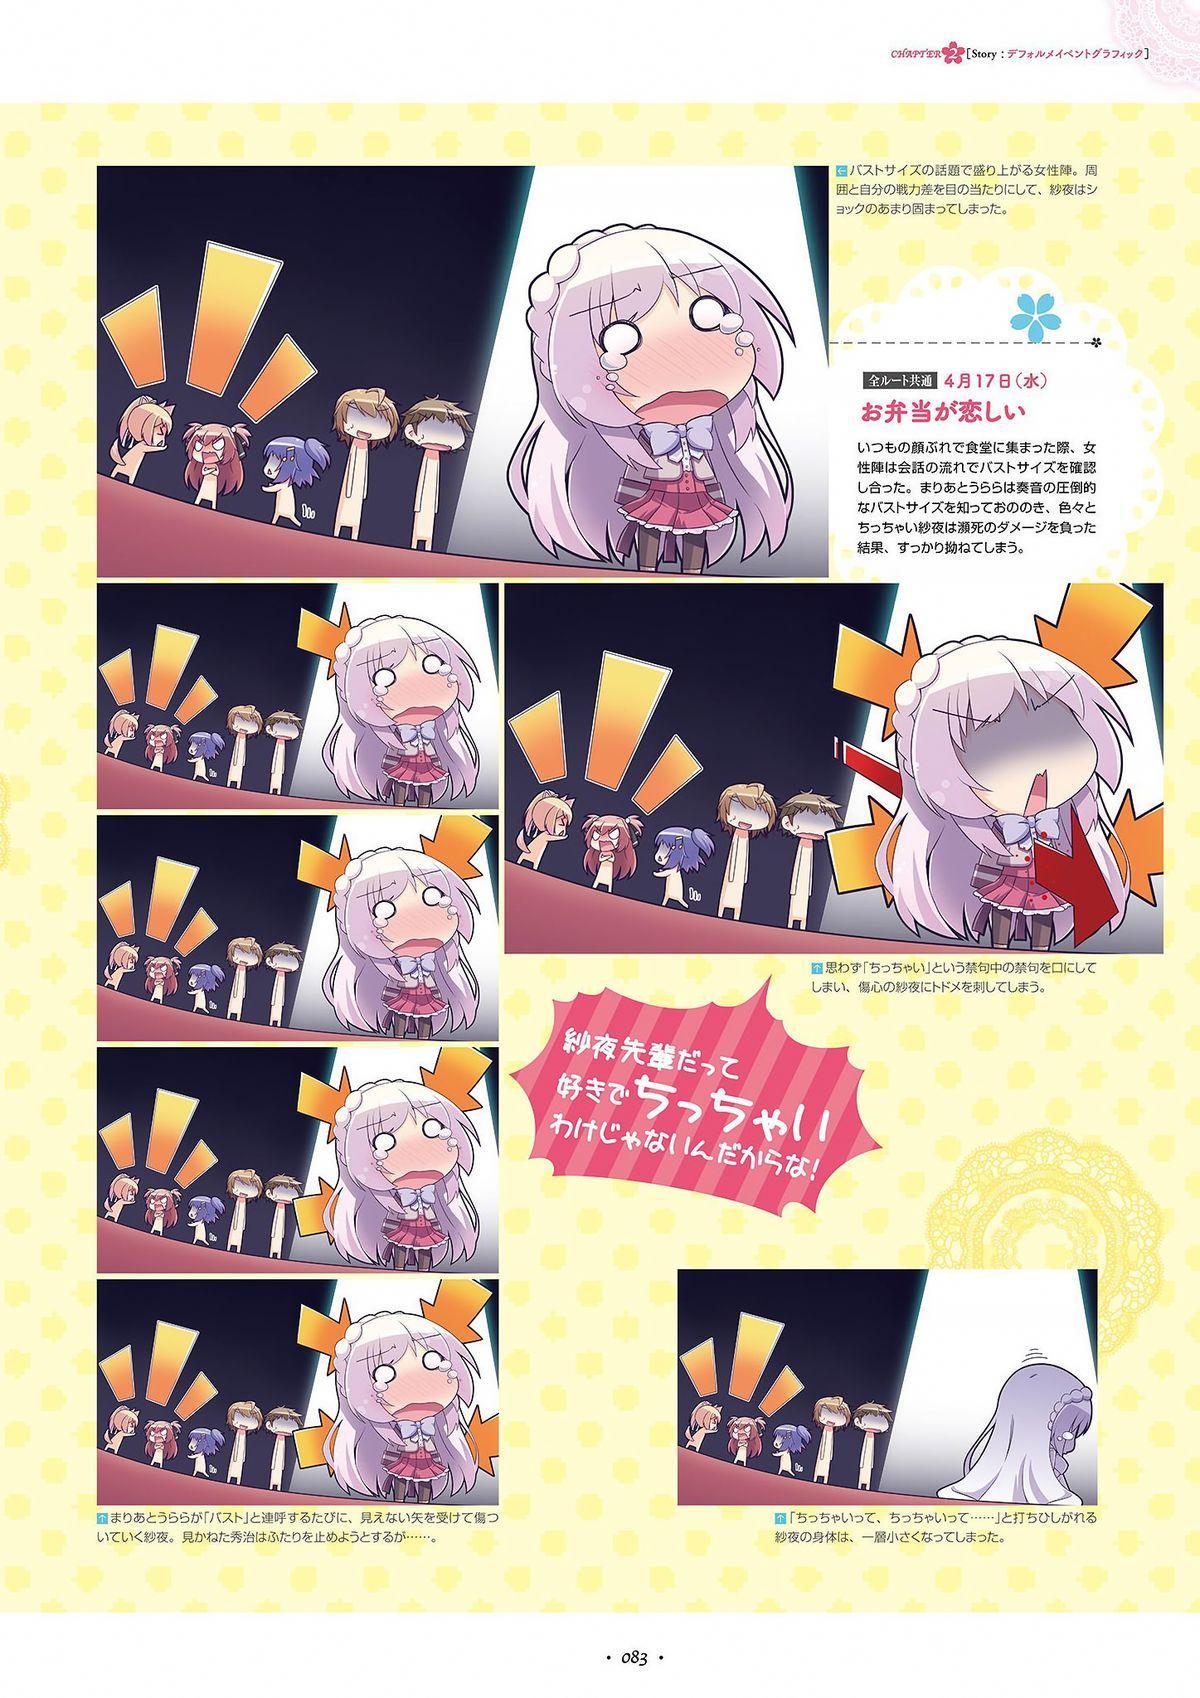 Shukufuku no Kane no Oto wa, Sakura-iro no Kaze to Tomo ni Visual Fanbook 84